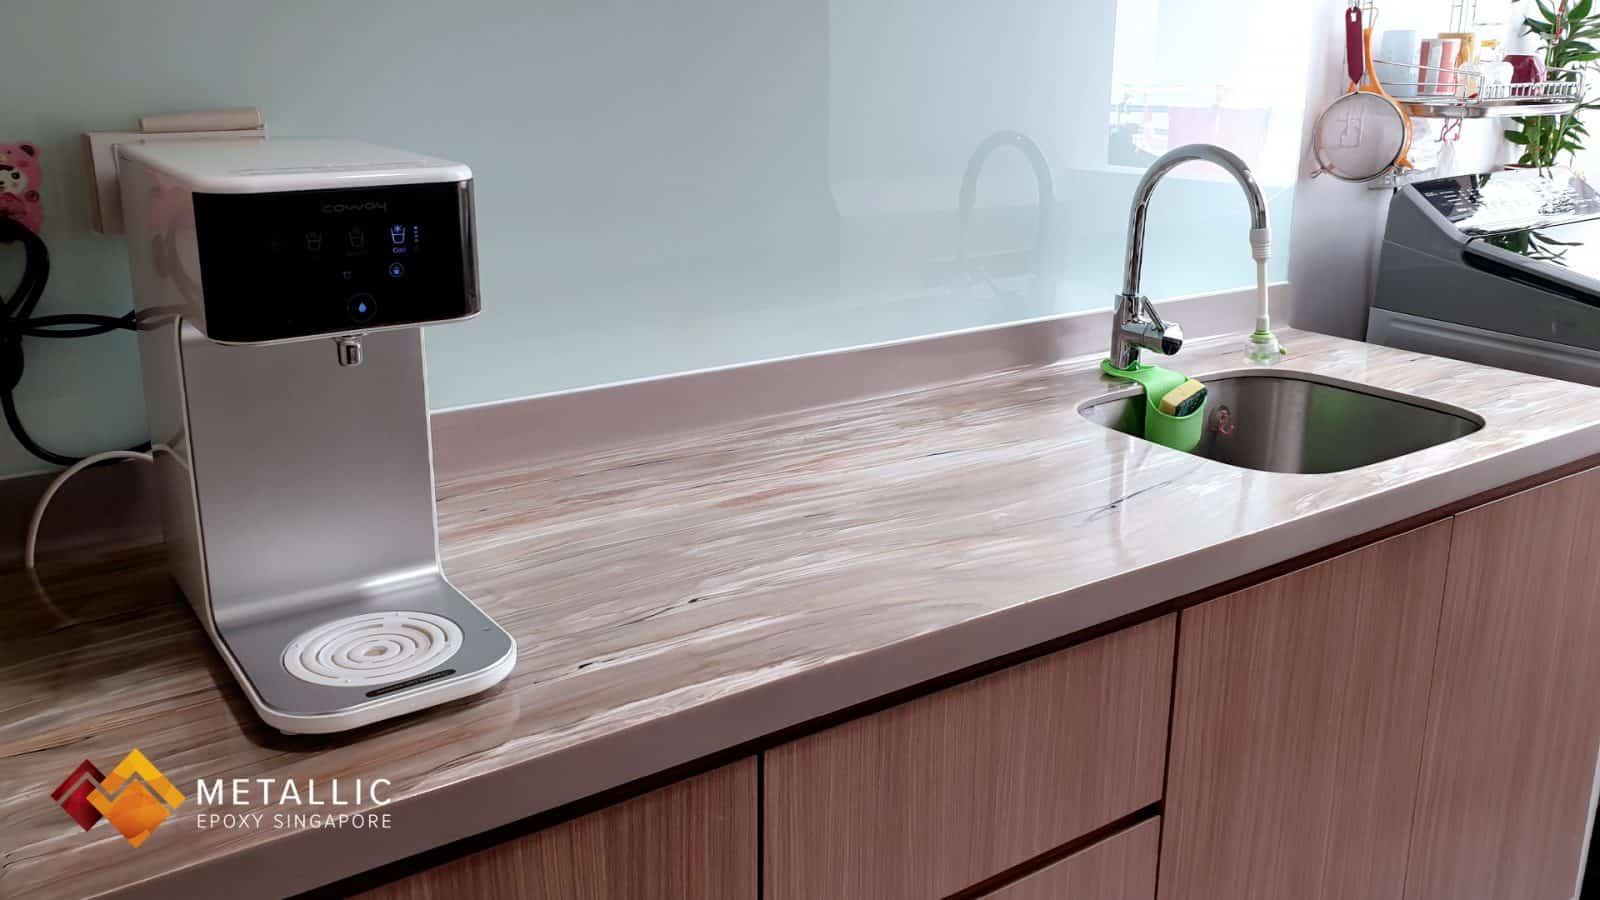 metallic epoxy singapore brown wood theme kitchen countertop